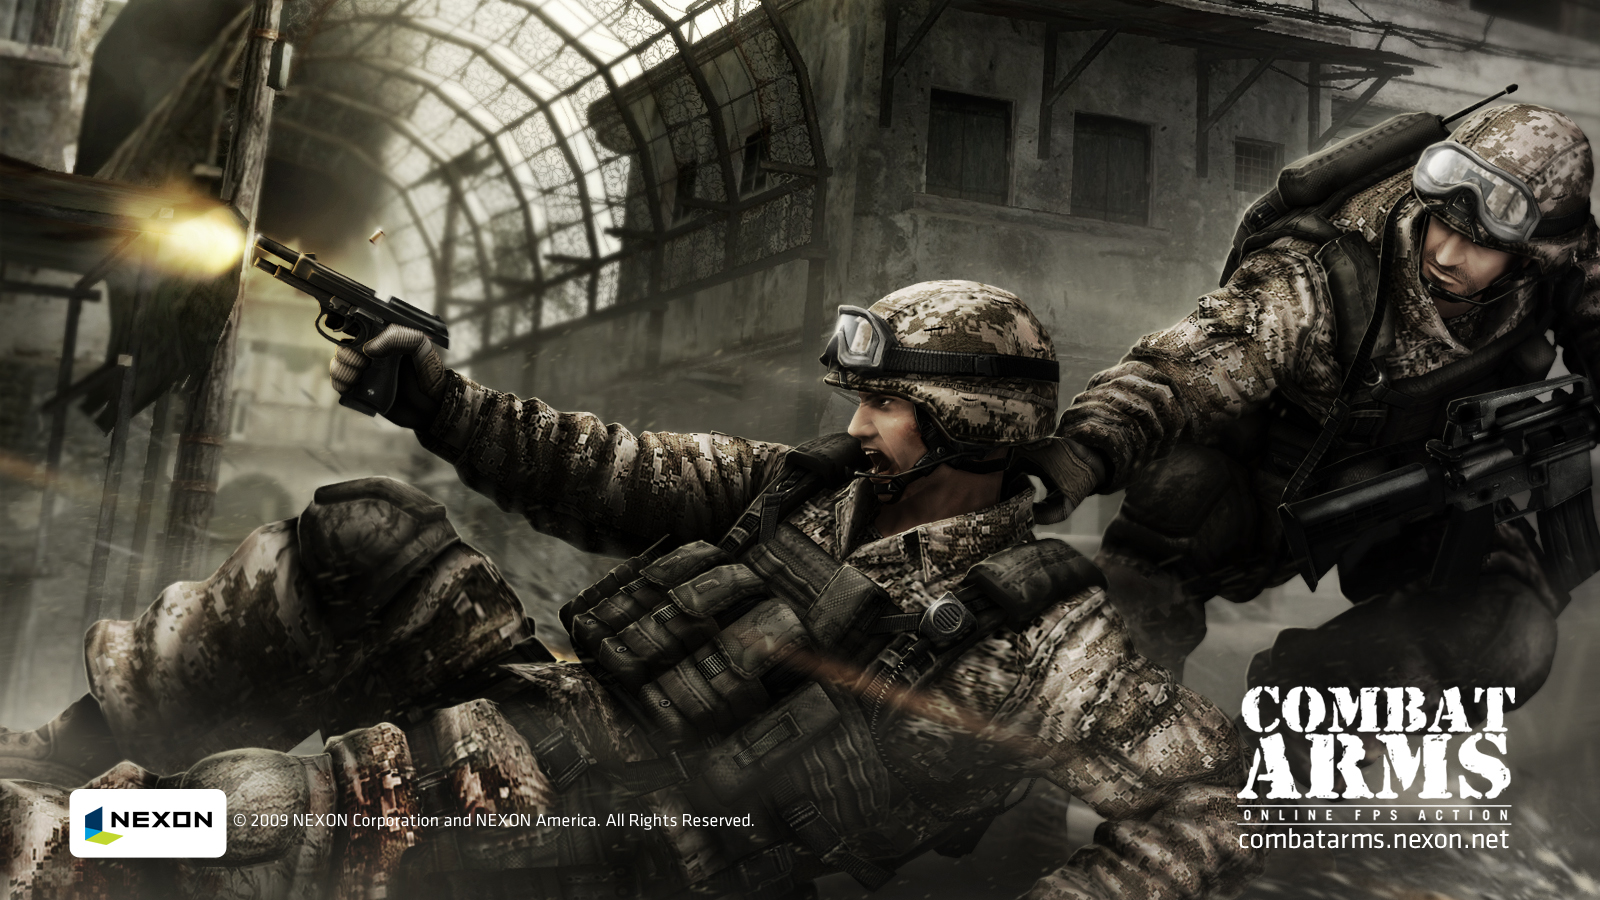 Fond decran Combat Arms Jeu vido   Wallpaper 1600x900